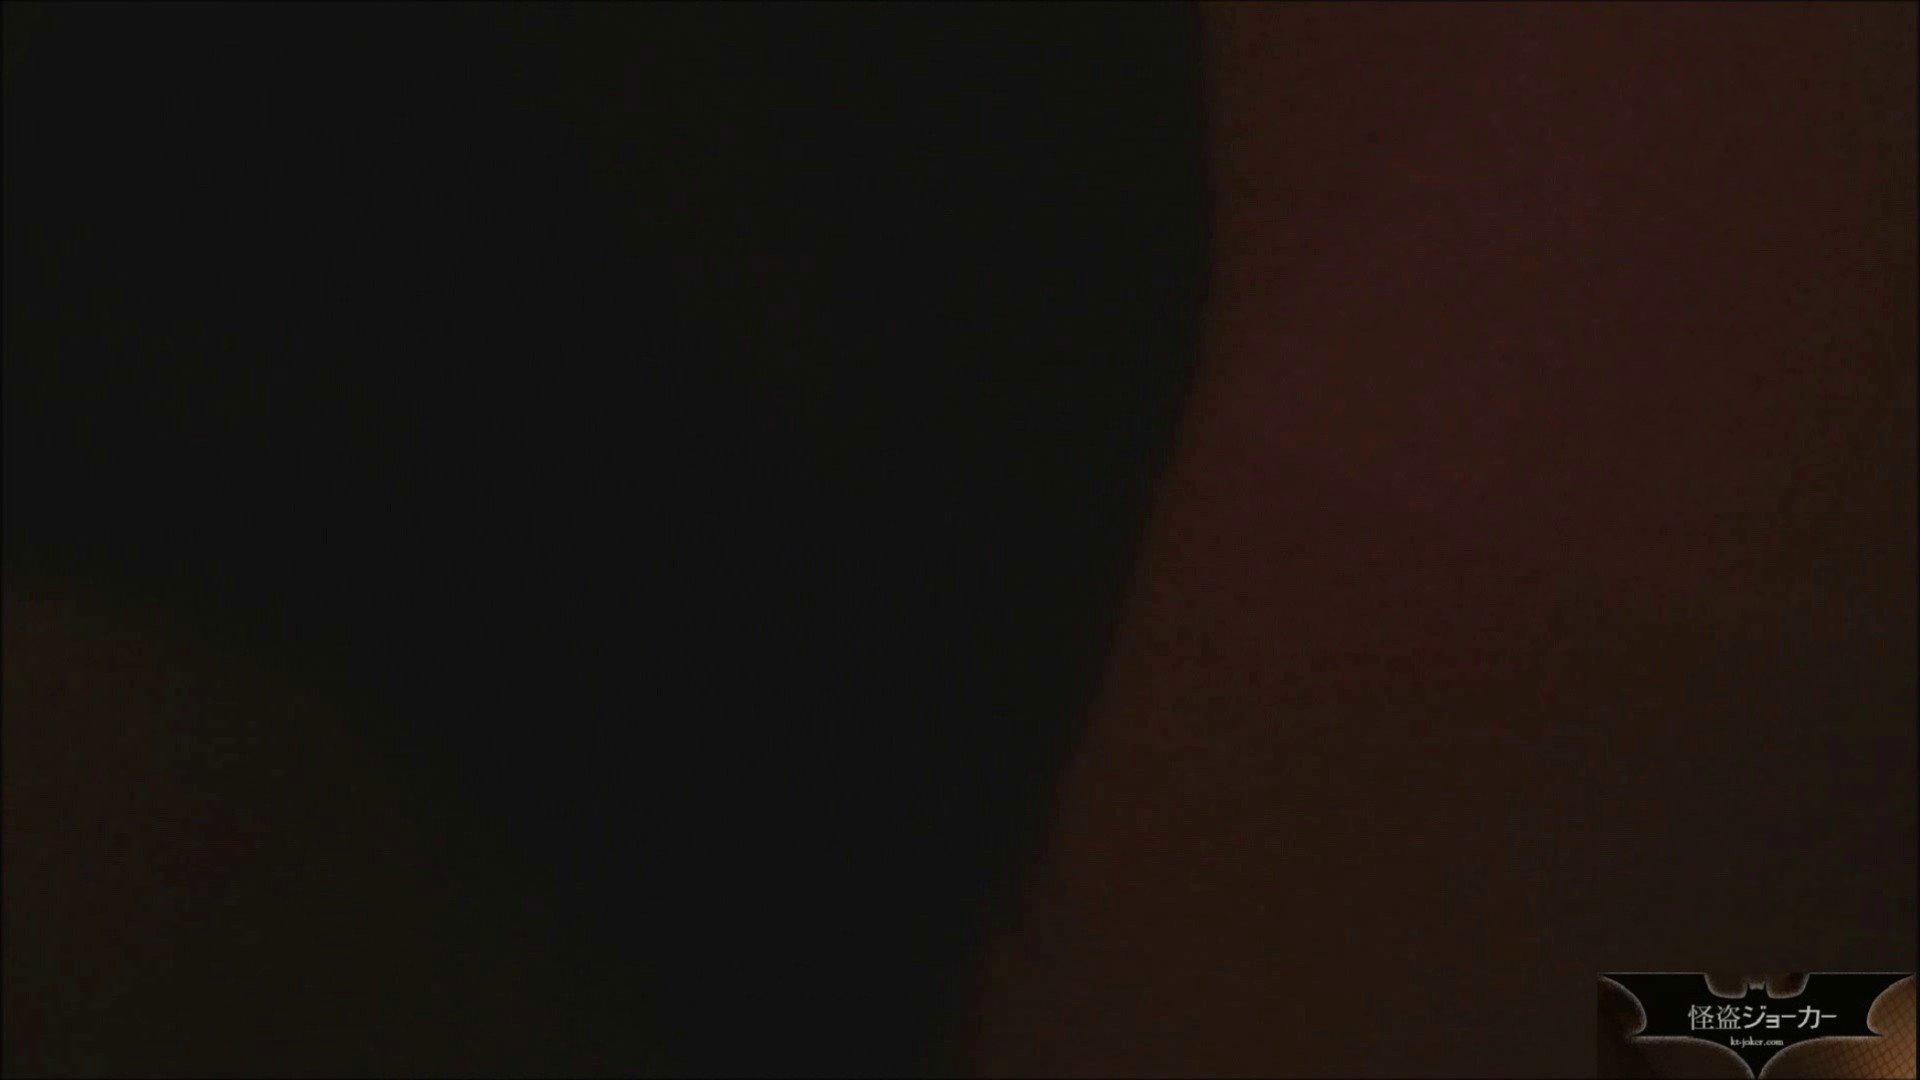 【未公開】vol.16 まおとこずえ-前編- 丸見え  77画像 20